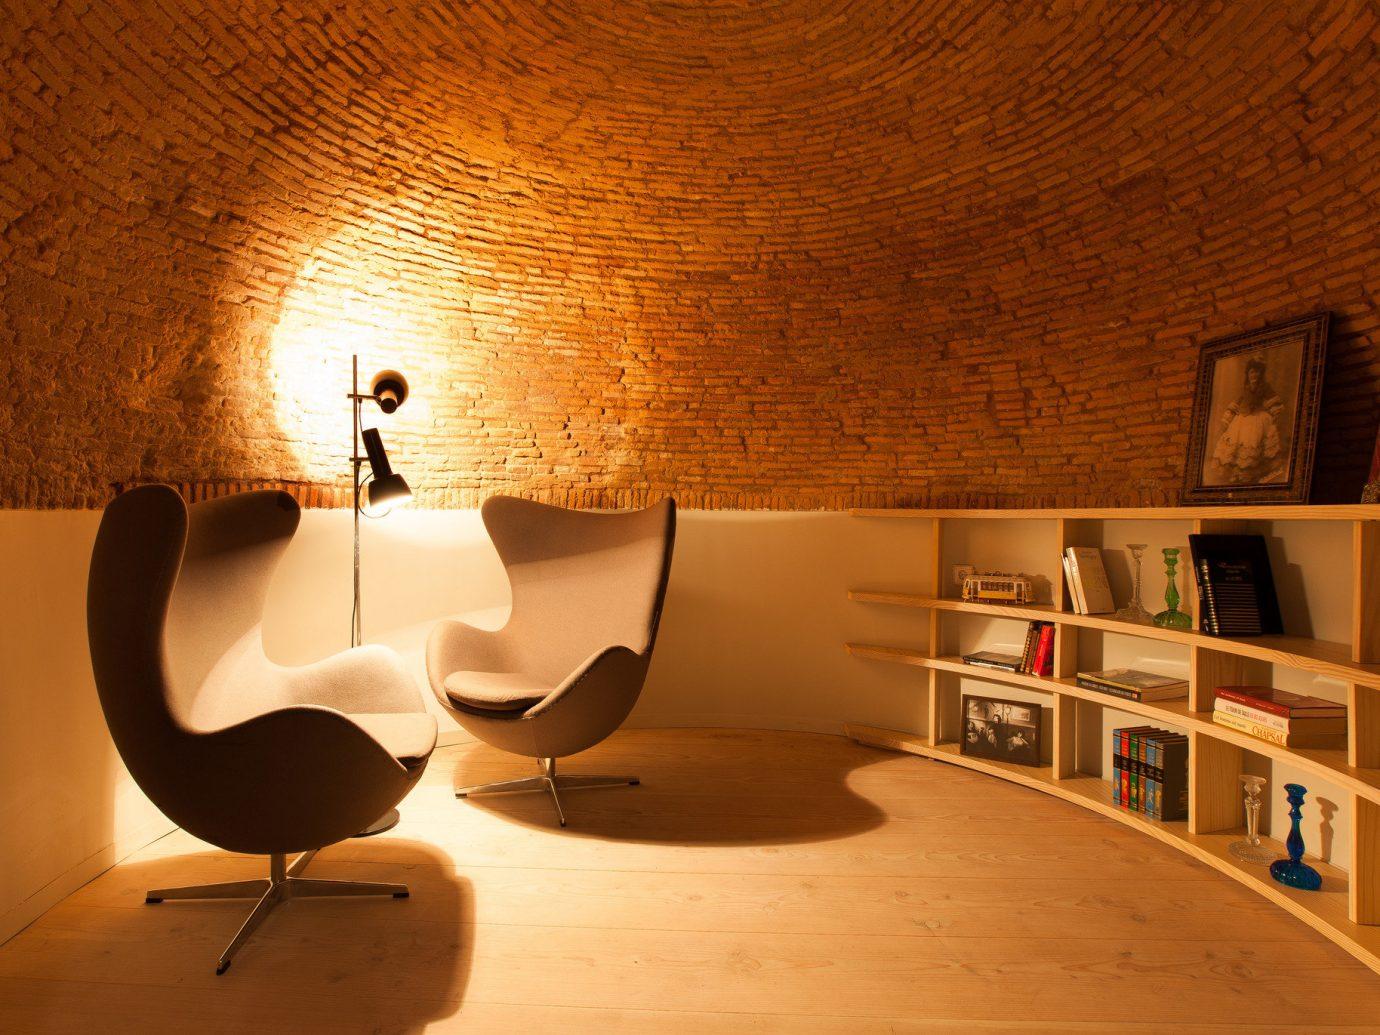 Budget indoor wall floor room interior design lighting ceiling wood Design